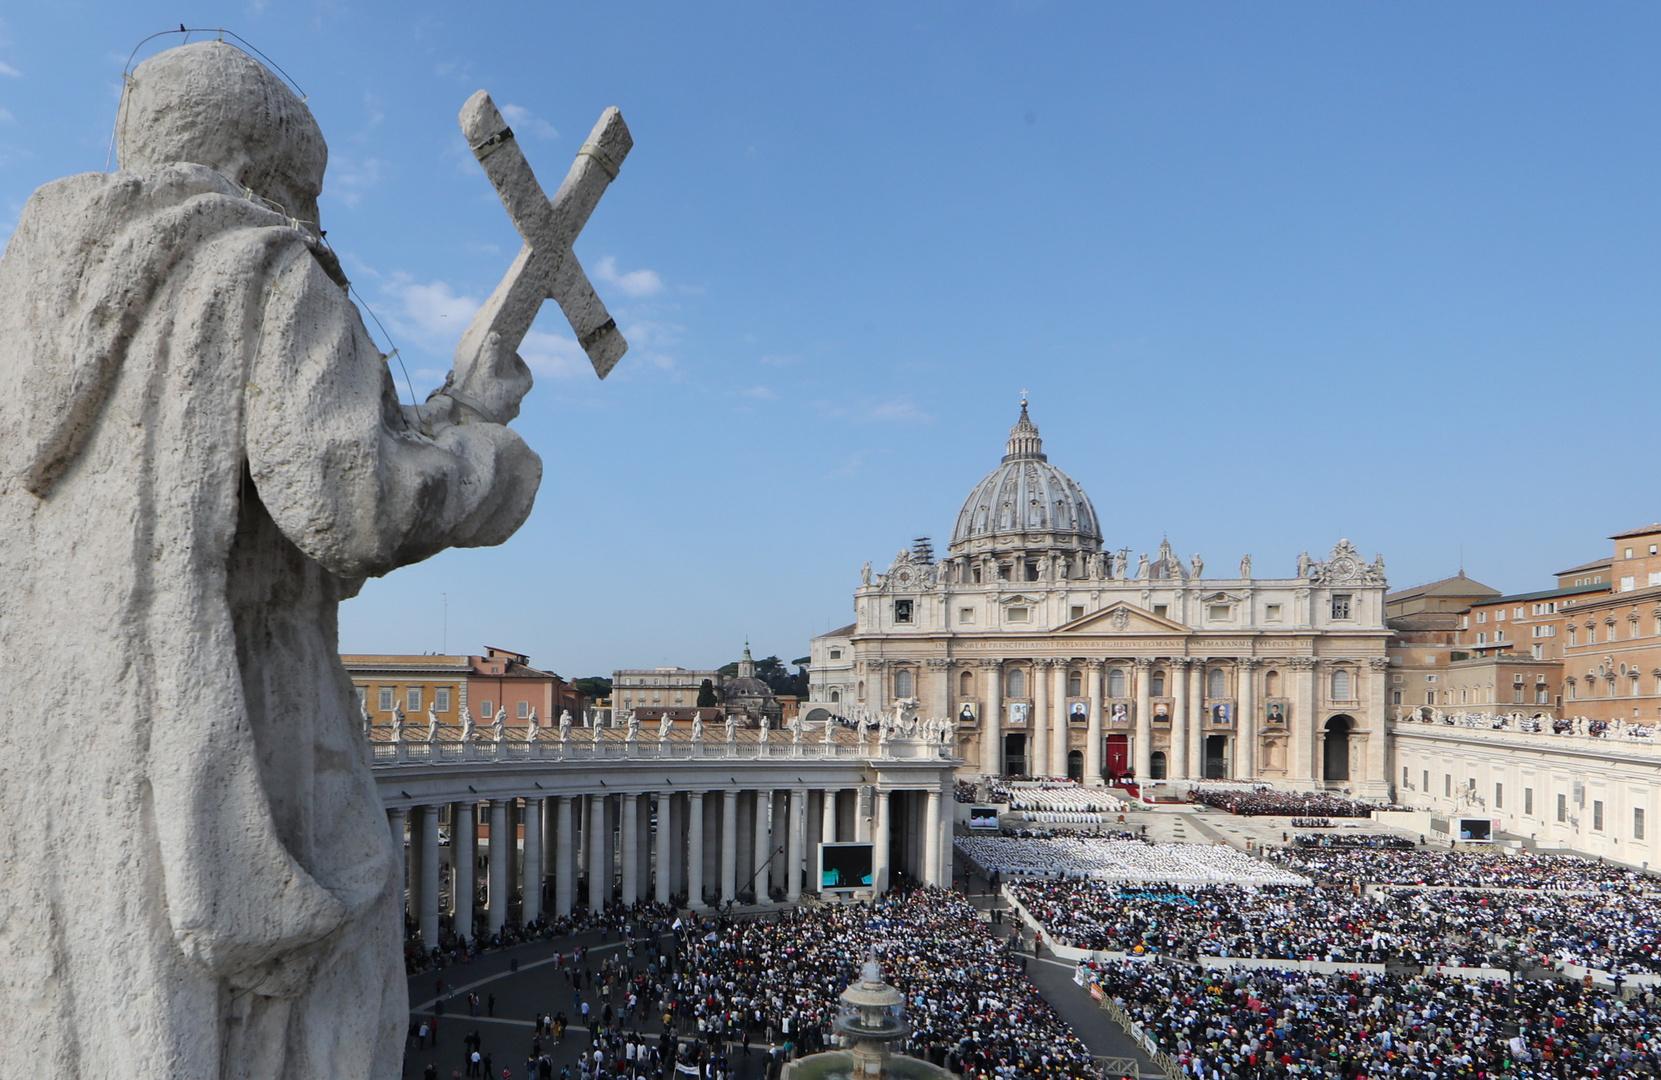 3 من معاوني الكهنة يعلنون تعرضهم للتحرش الجنسي في الفاتيكان عندما كانوا قاصرين -